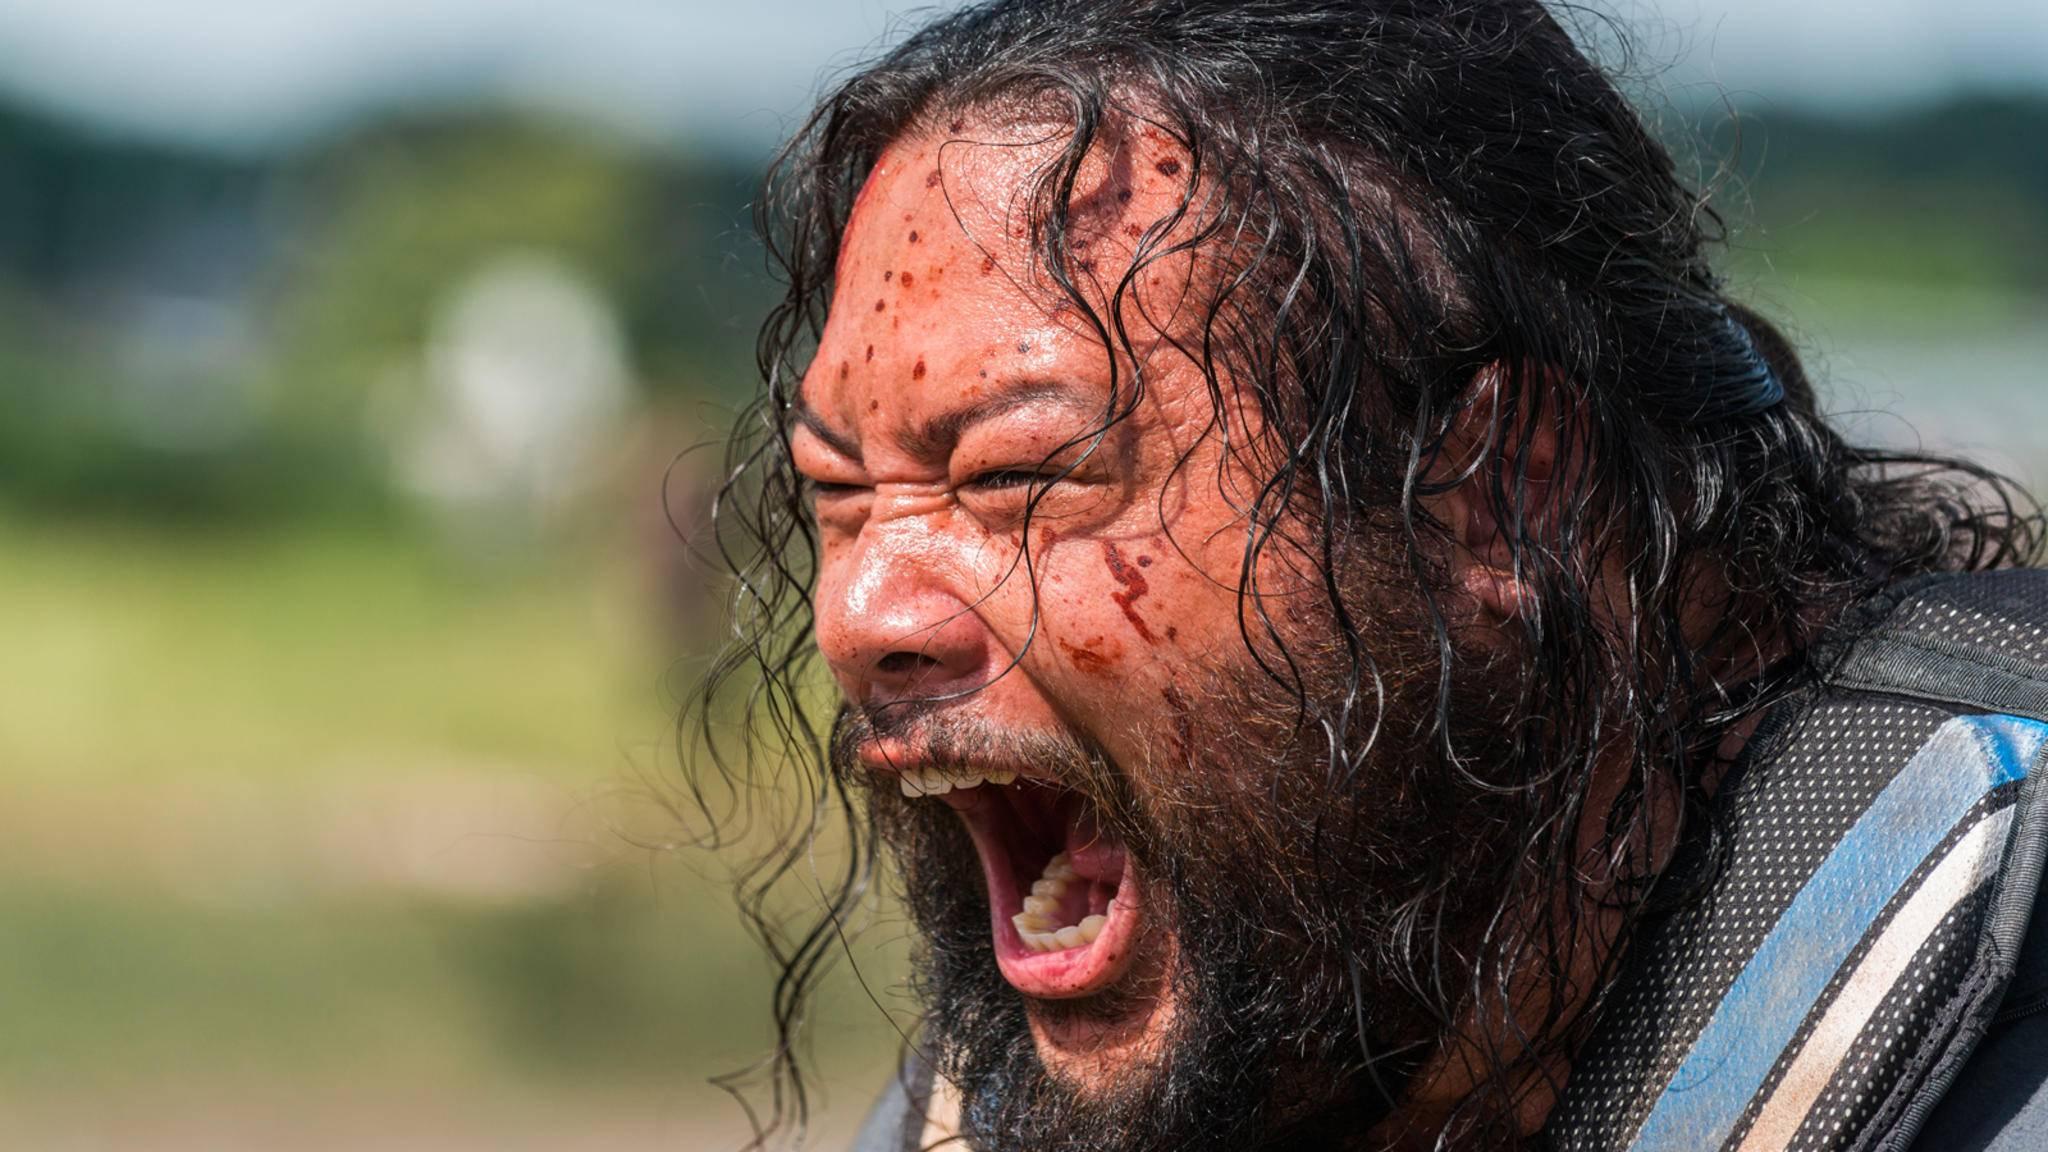 """Holt eure Taschentücher raus! In der Midseason-Premiere von Staffel 8 wird """"The Walking Dead"""" seinen Fans wohl einiges abverlangen."""